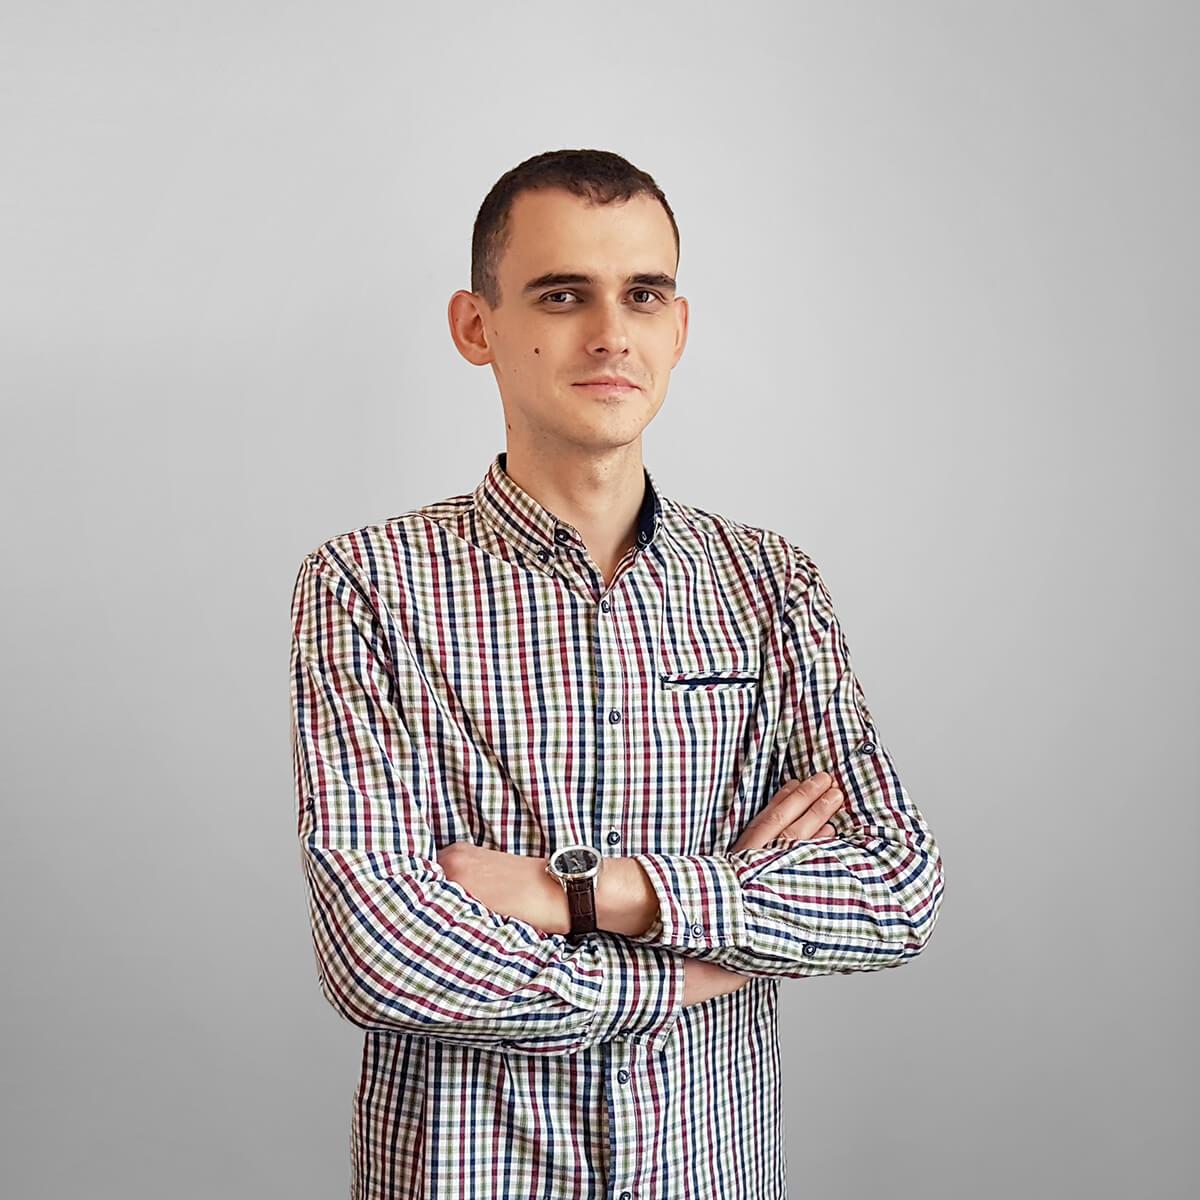 Piotr Kowalczuk vel Prażyniewicz